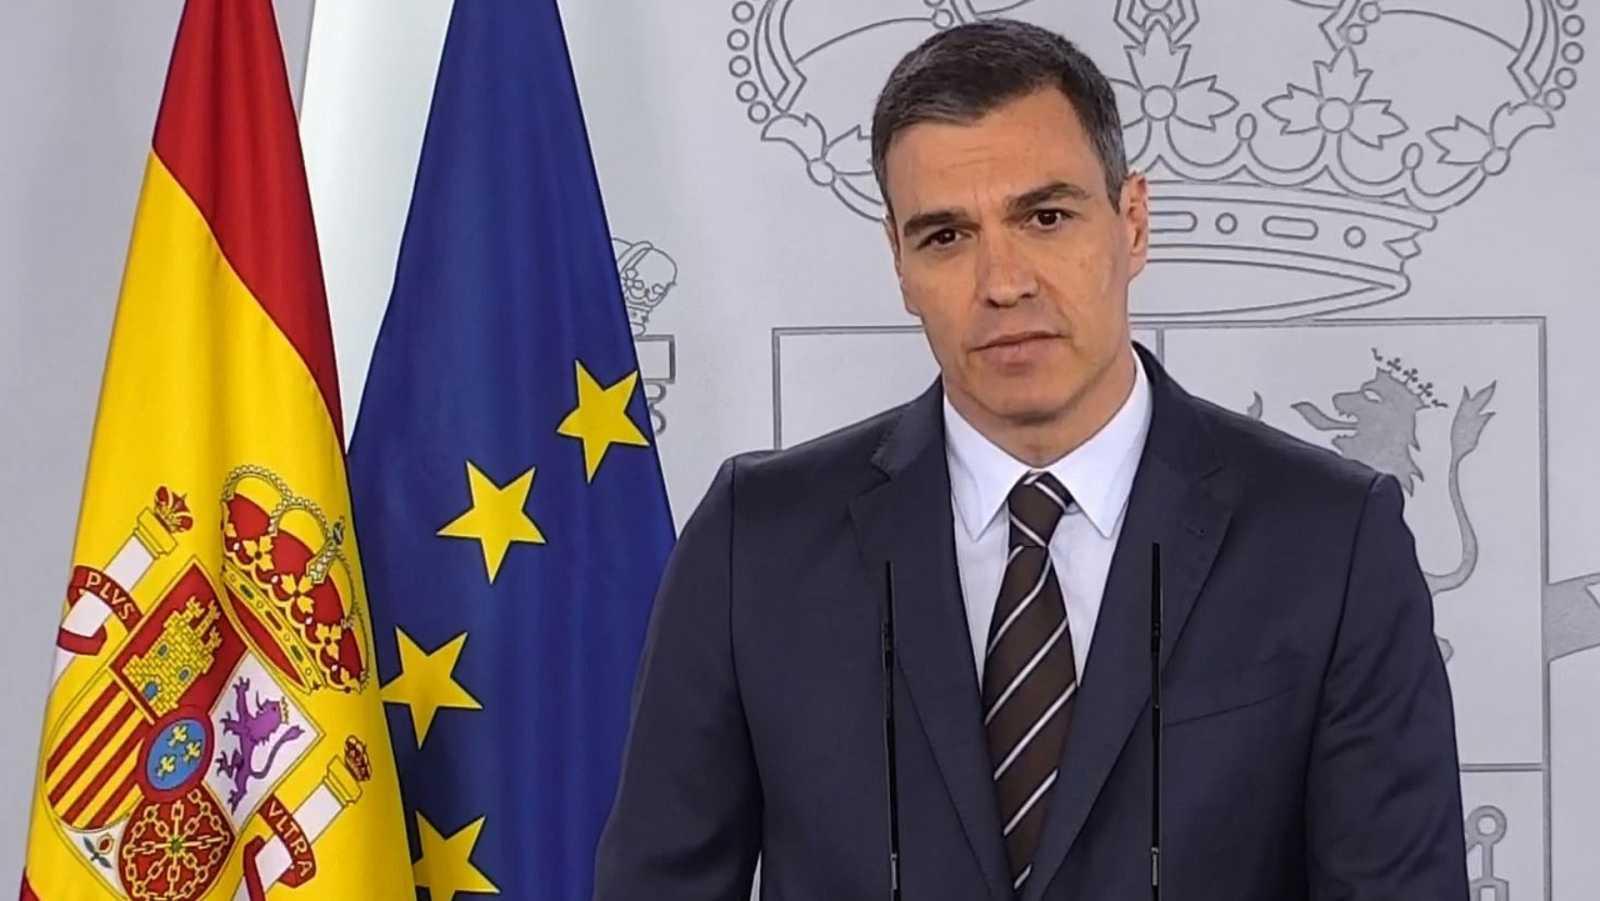 14 horas Fin de Semana - Sánchez anuncia la aprobación del Ingreso Mínimo Vital y de 10 días de luto oficial para la próxima semana - Escuchar ahora